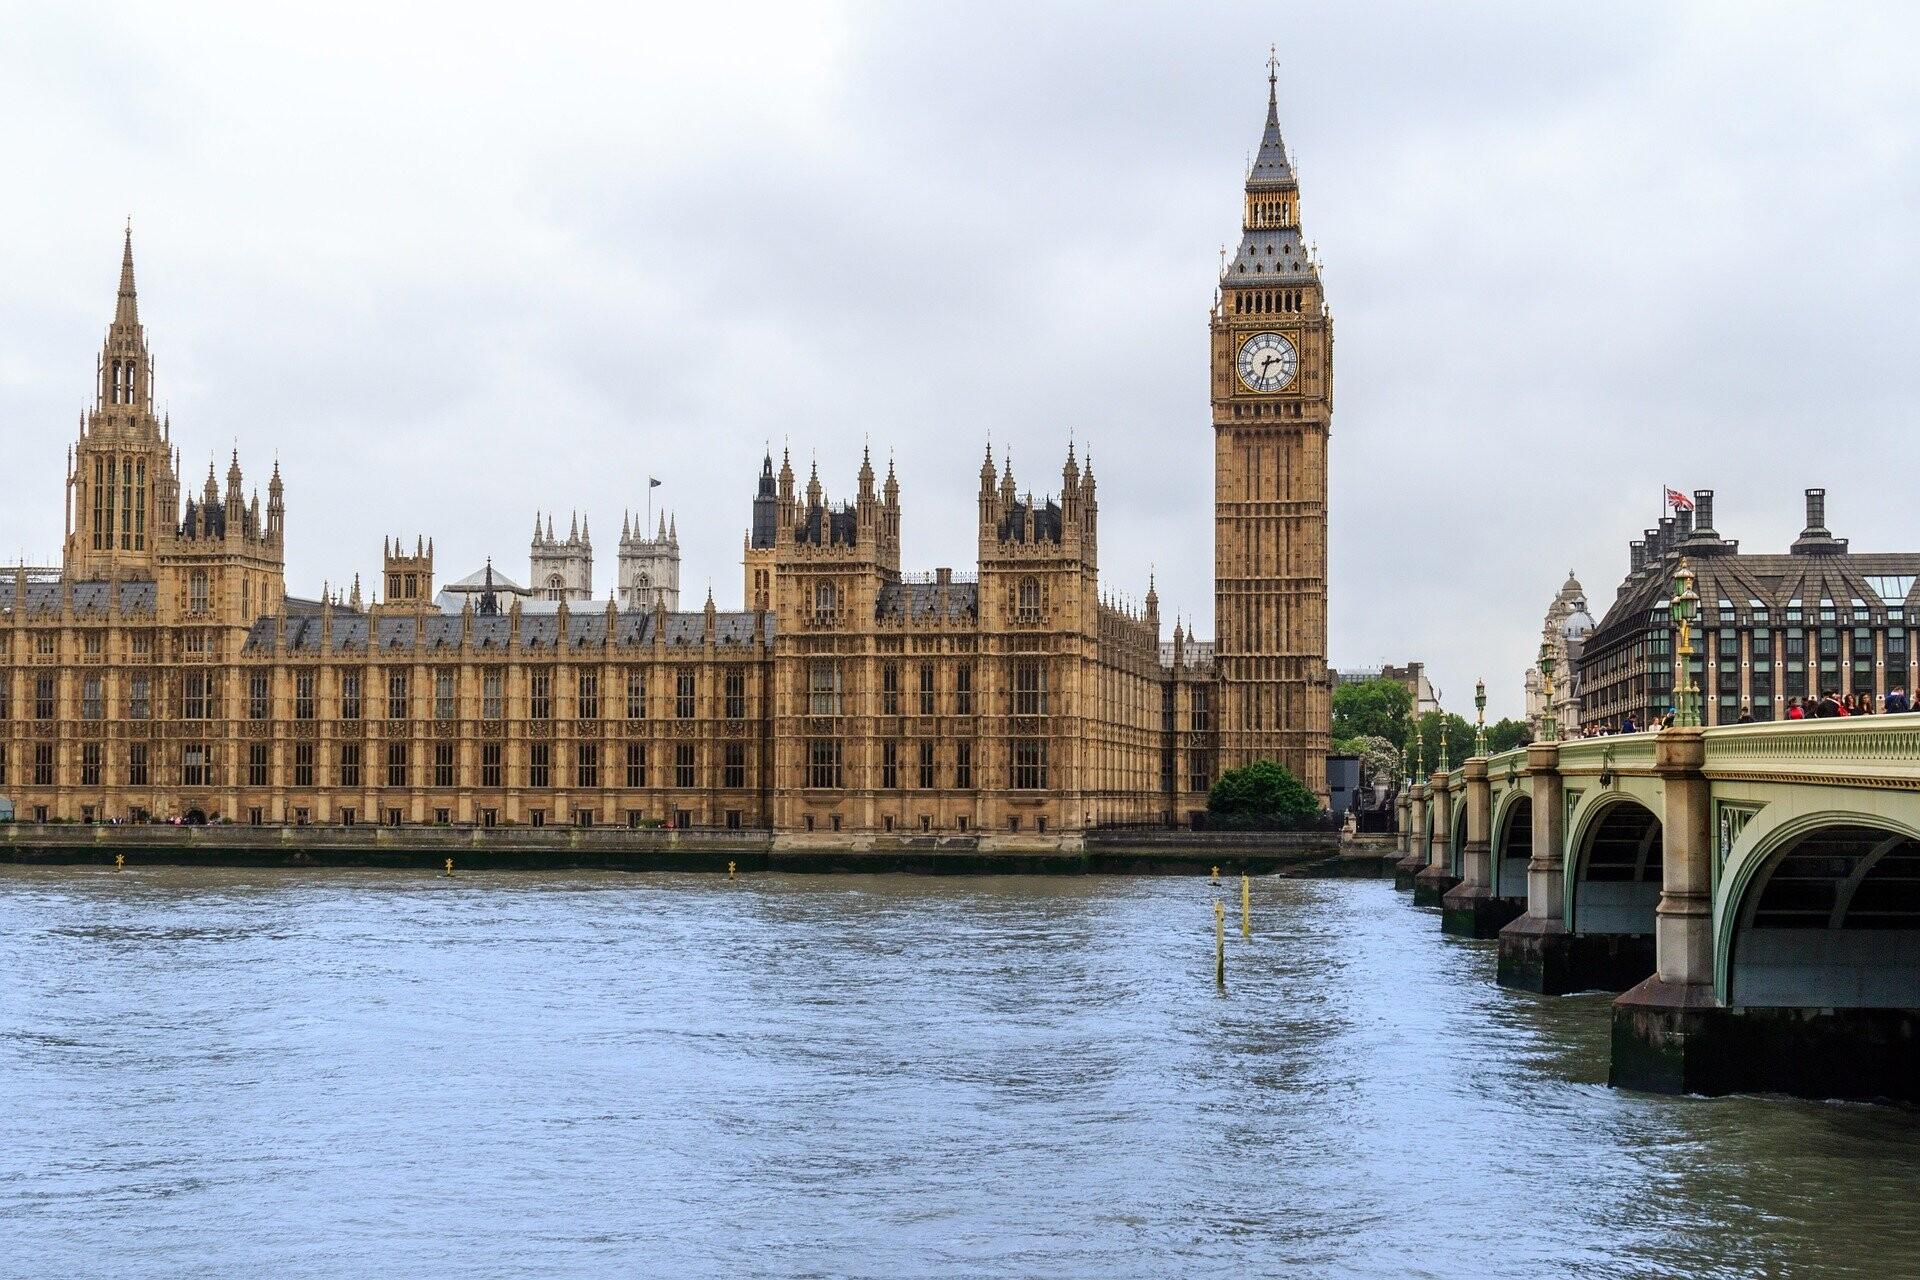 Vista del río Támesis y el Big Ben en Londres.